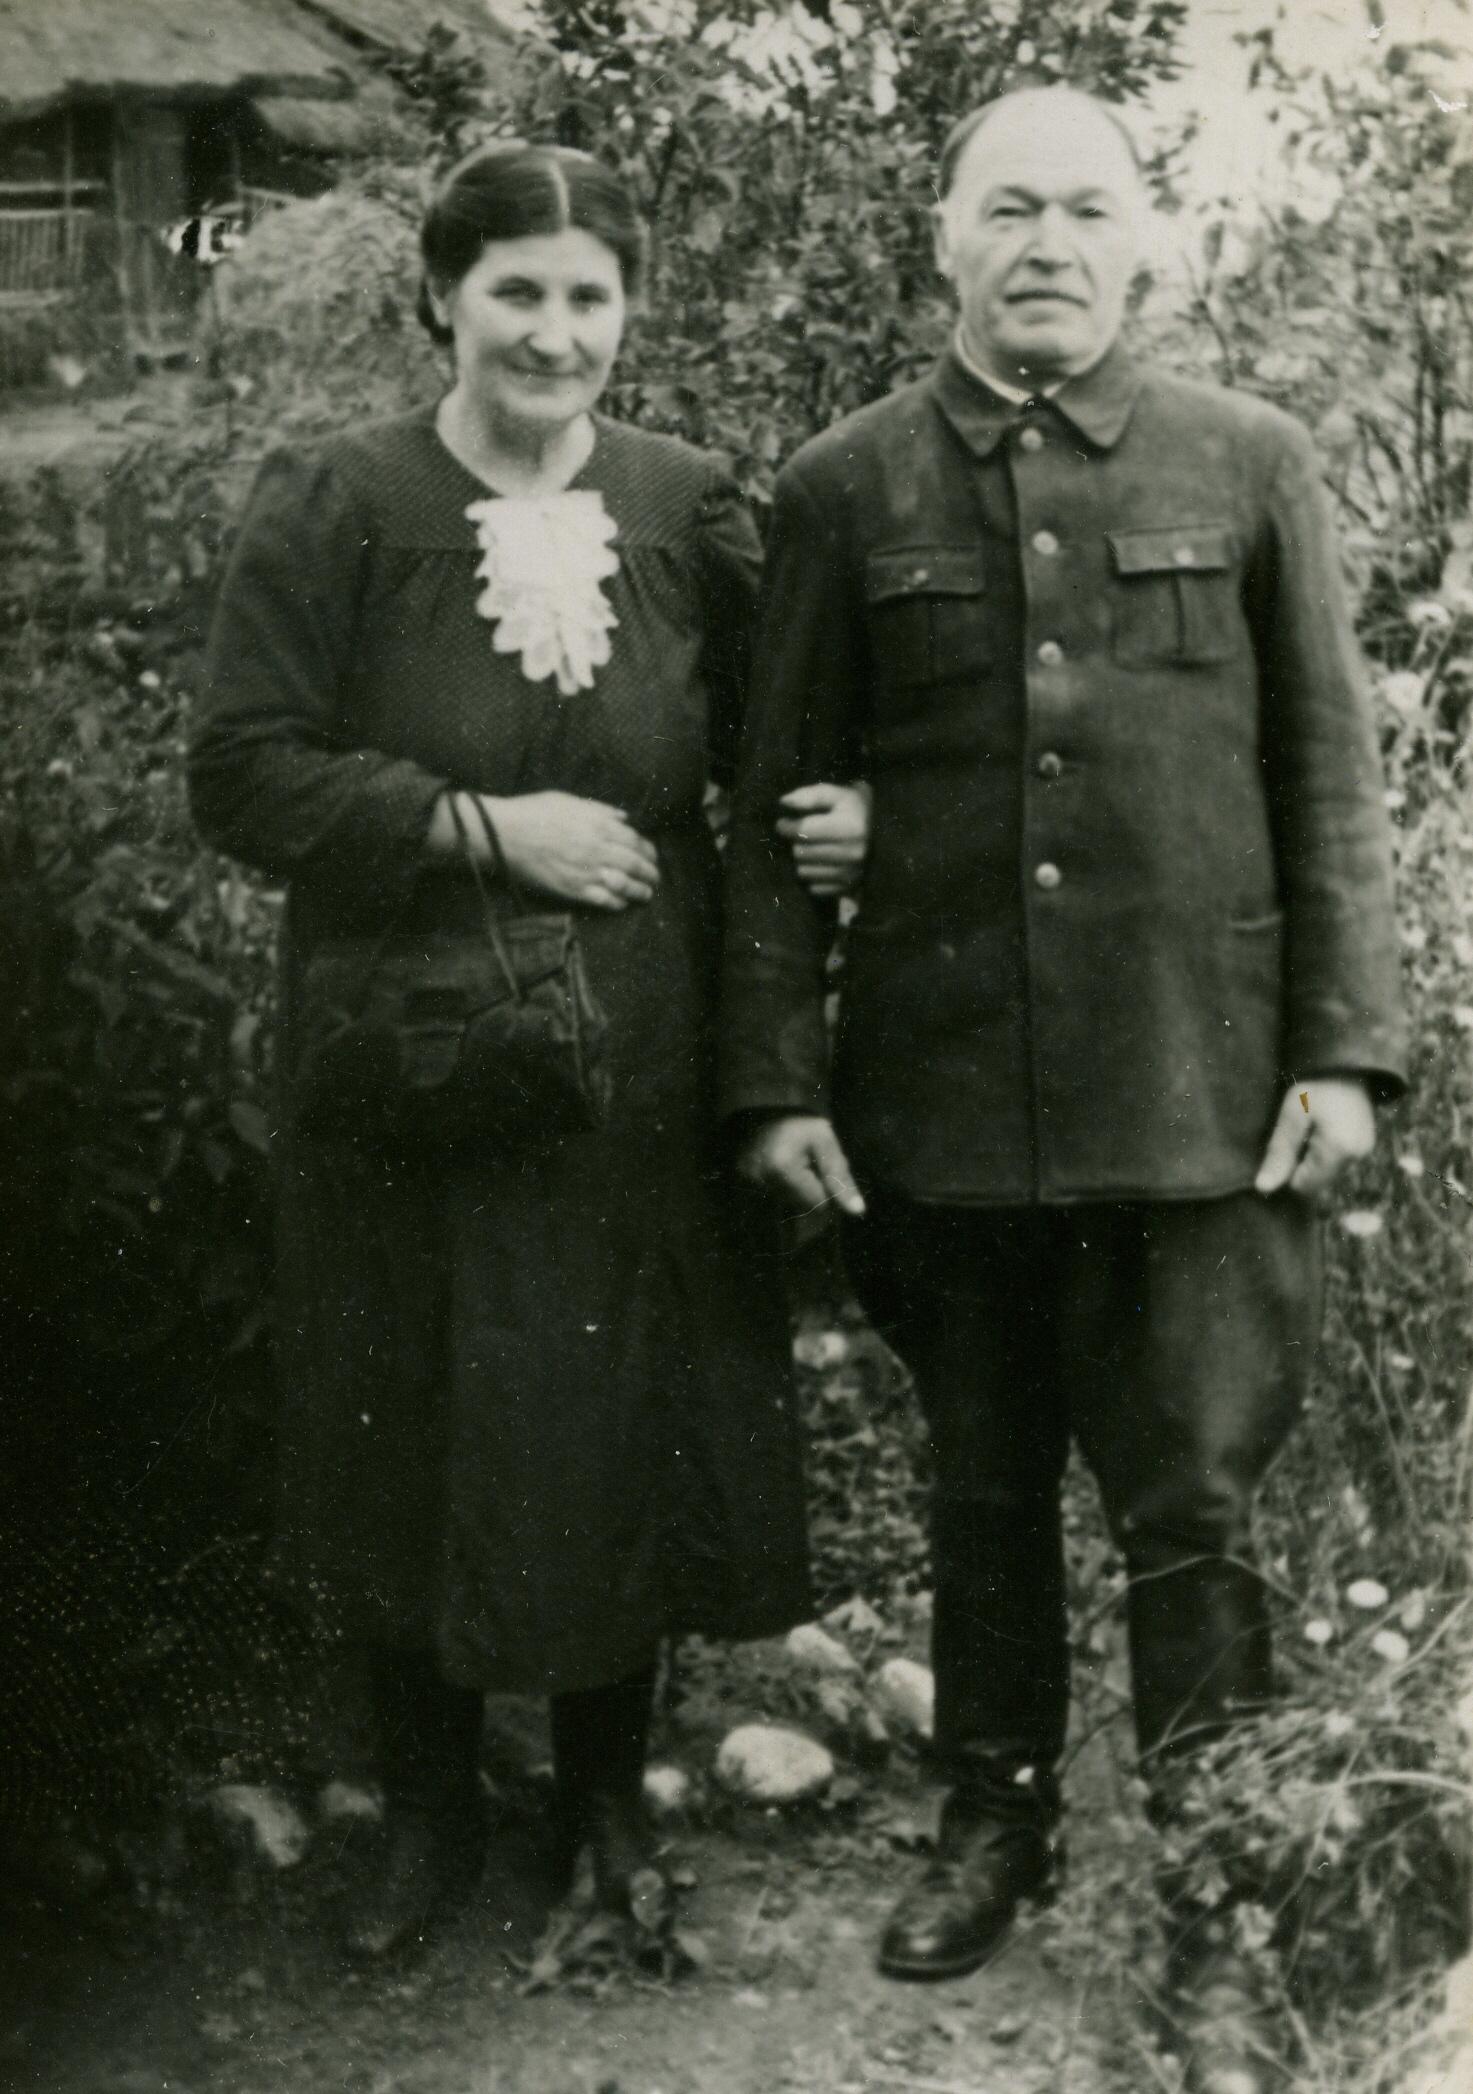 Stanisław i Ewa CYPLA - Zapole około 1950 roku.